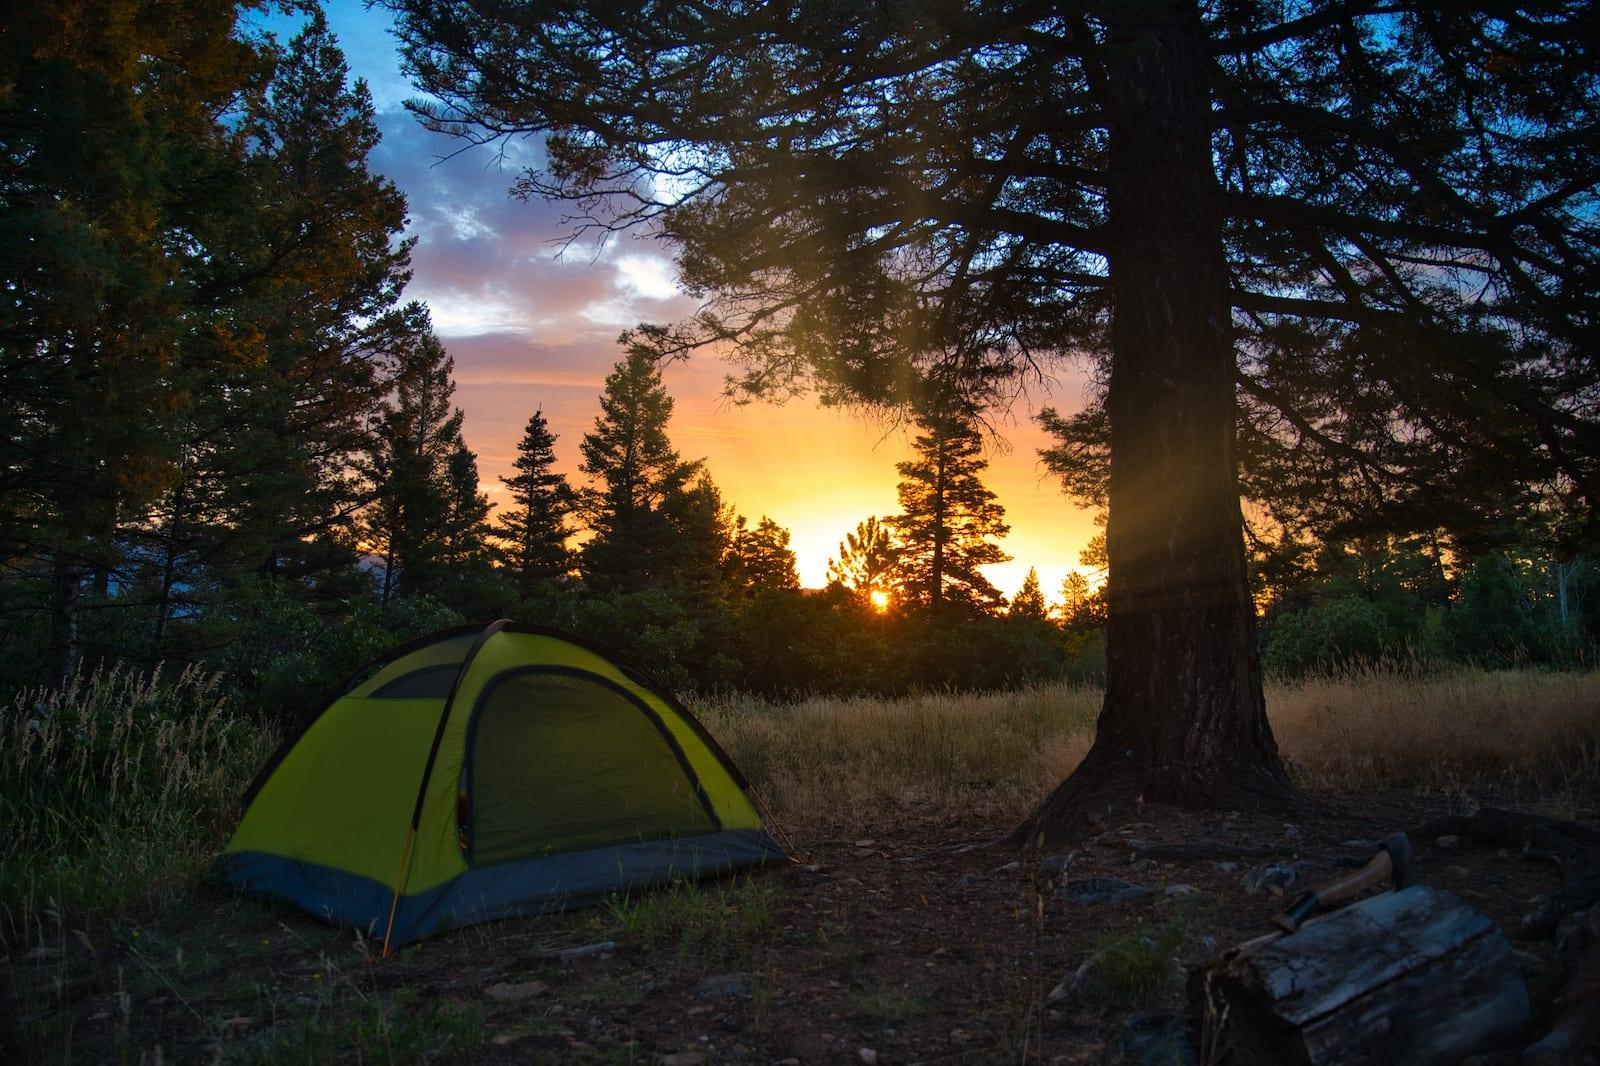 Kerr Gulch Tent Camping Sangre de Cristo Mountains